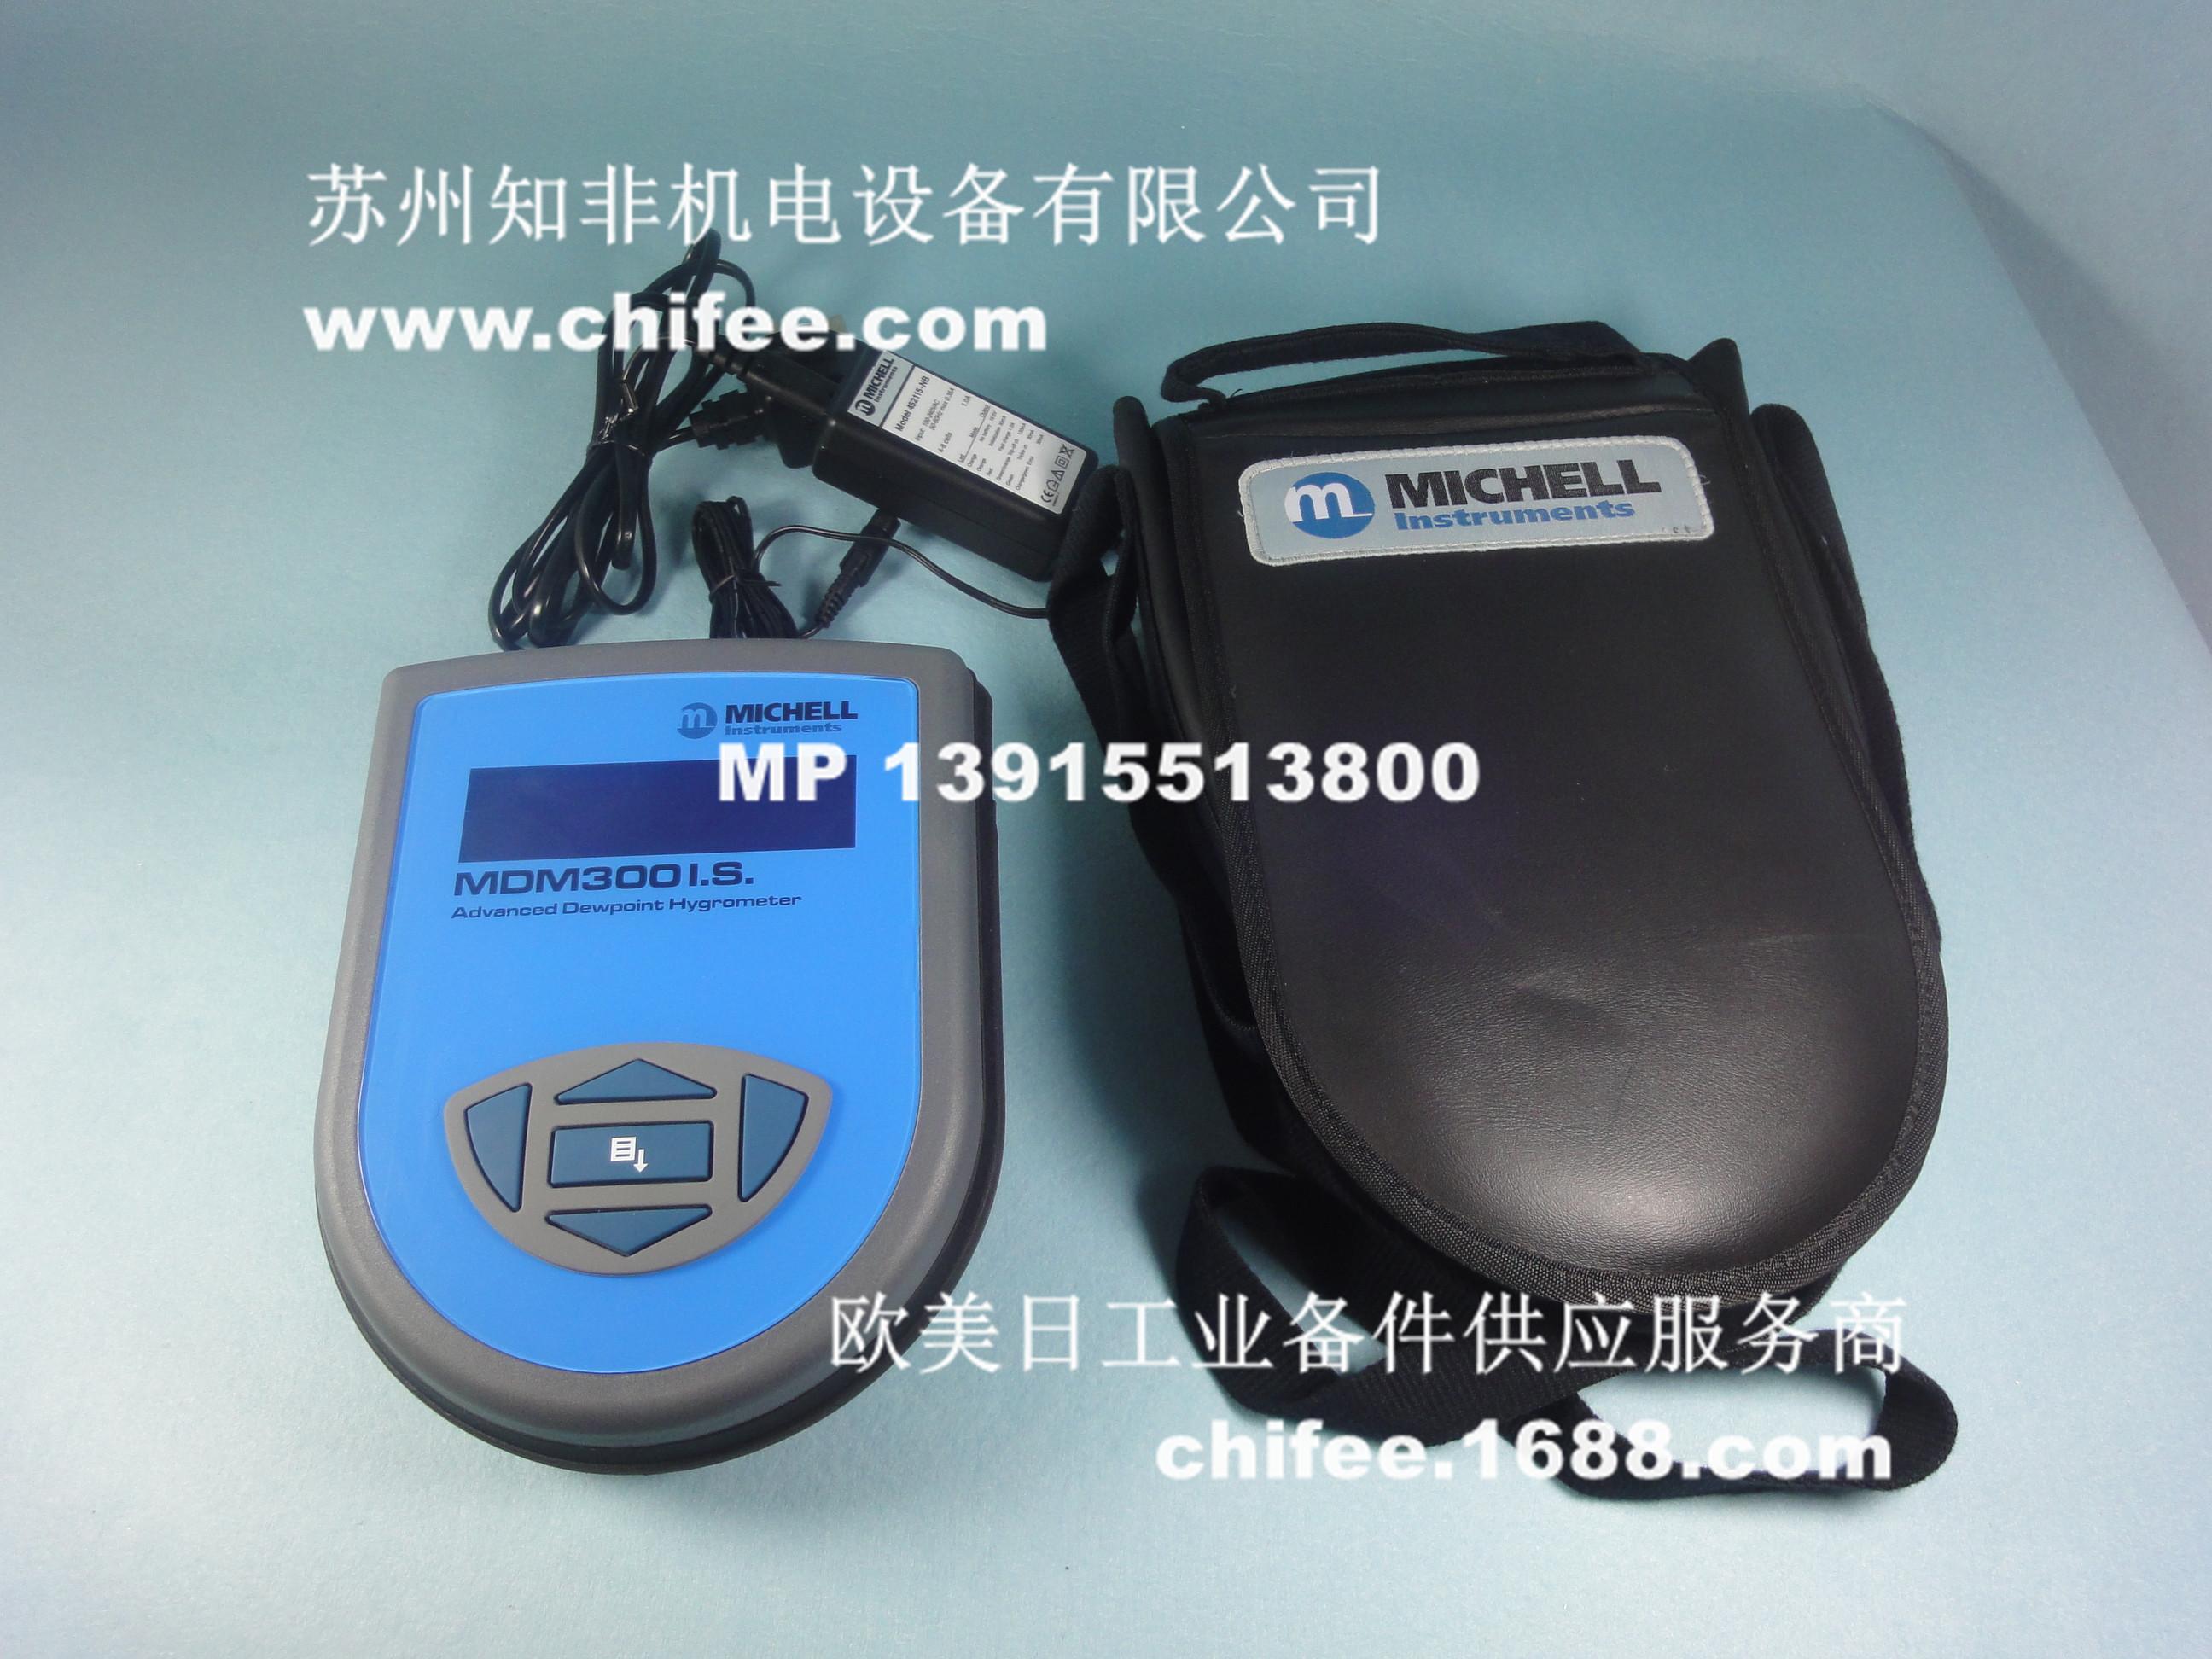 MDM300.jpg